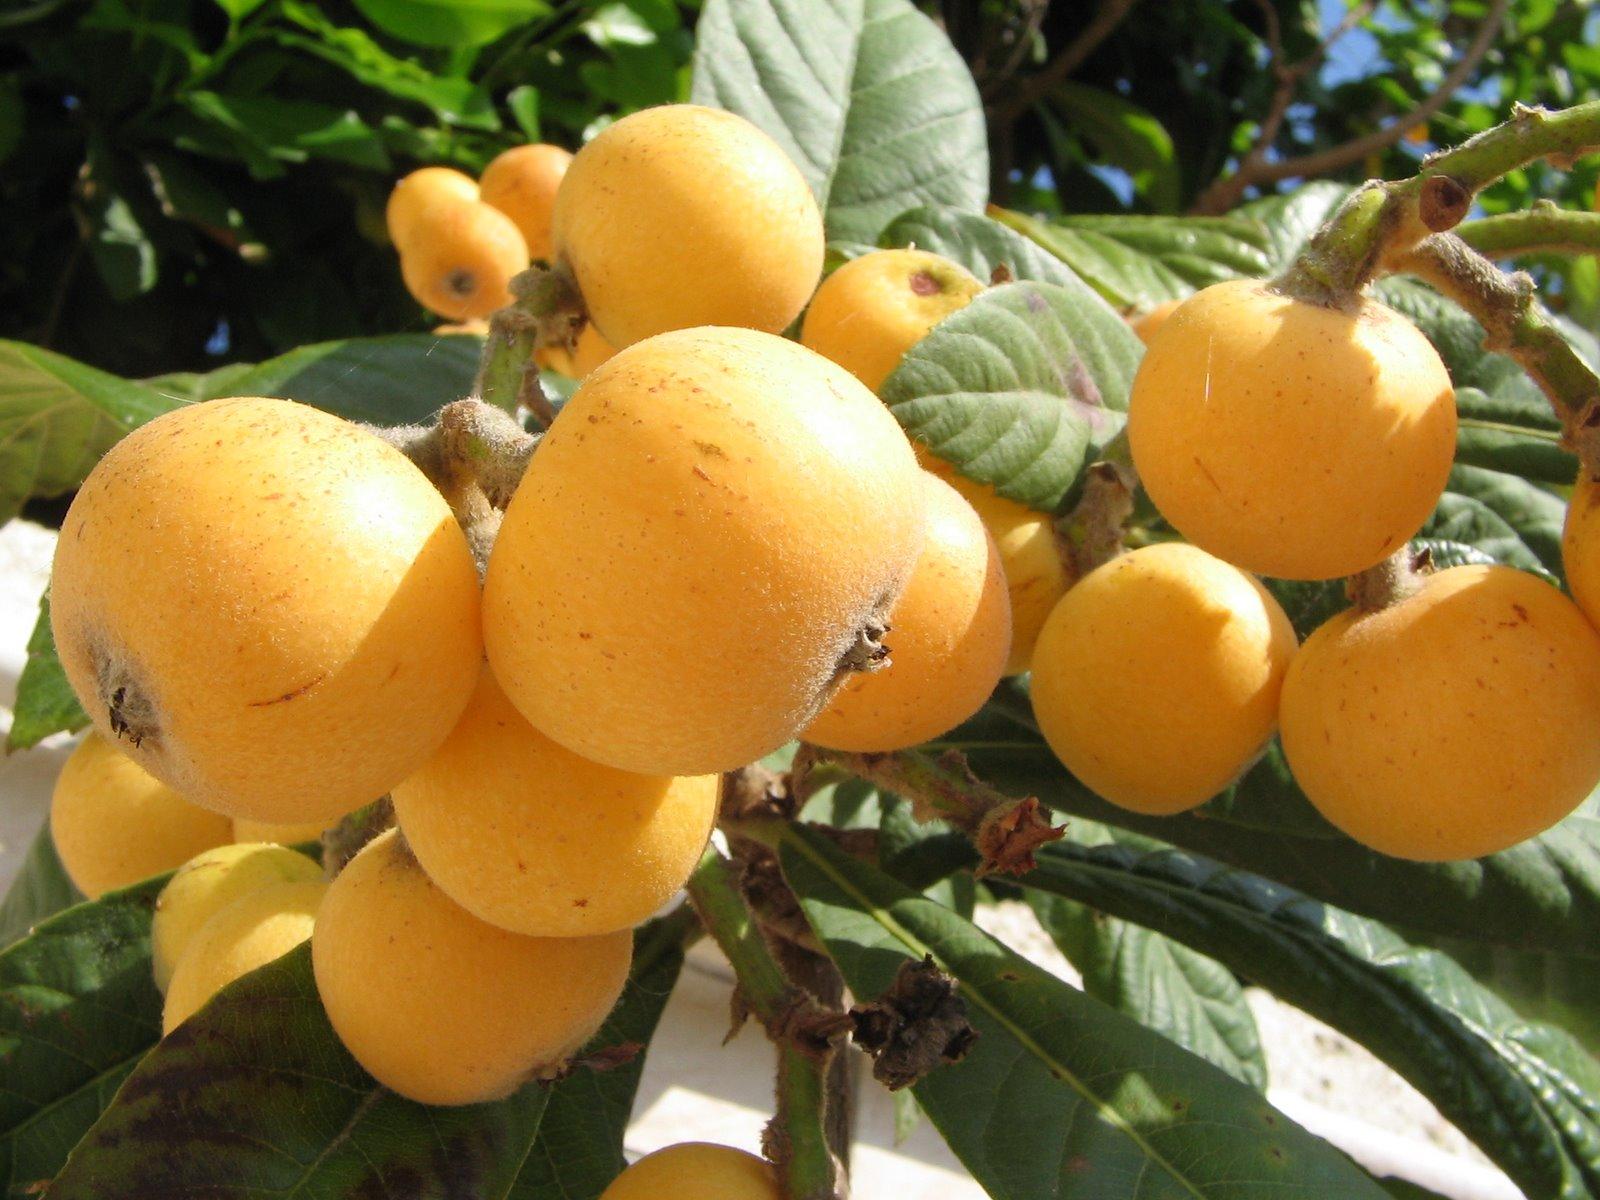 Мушмула что за фрукт как его есть и какой вкус